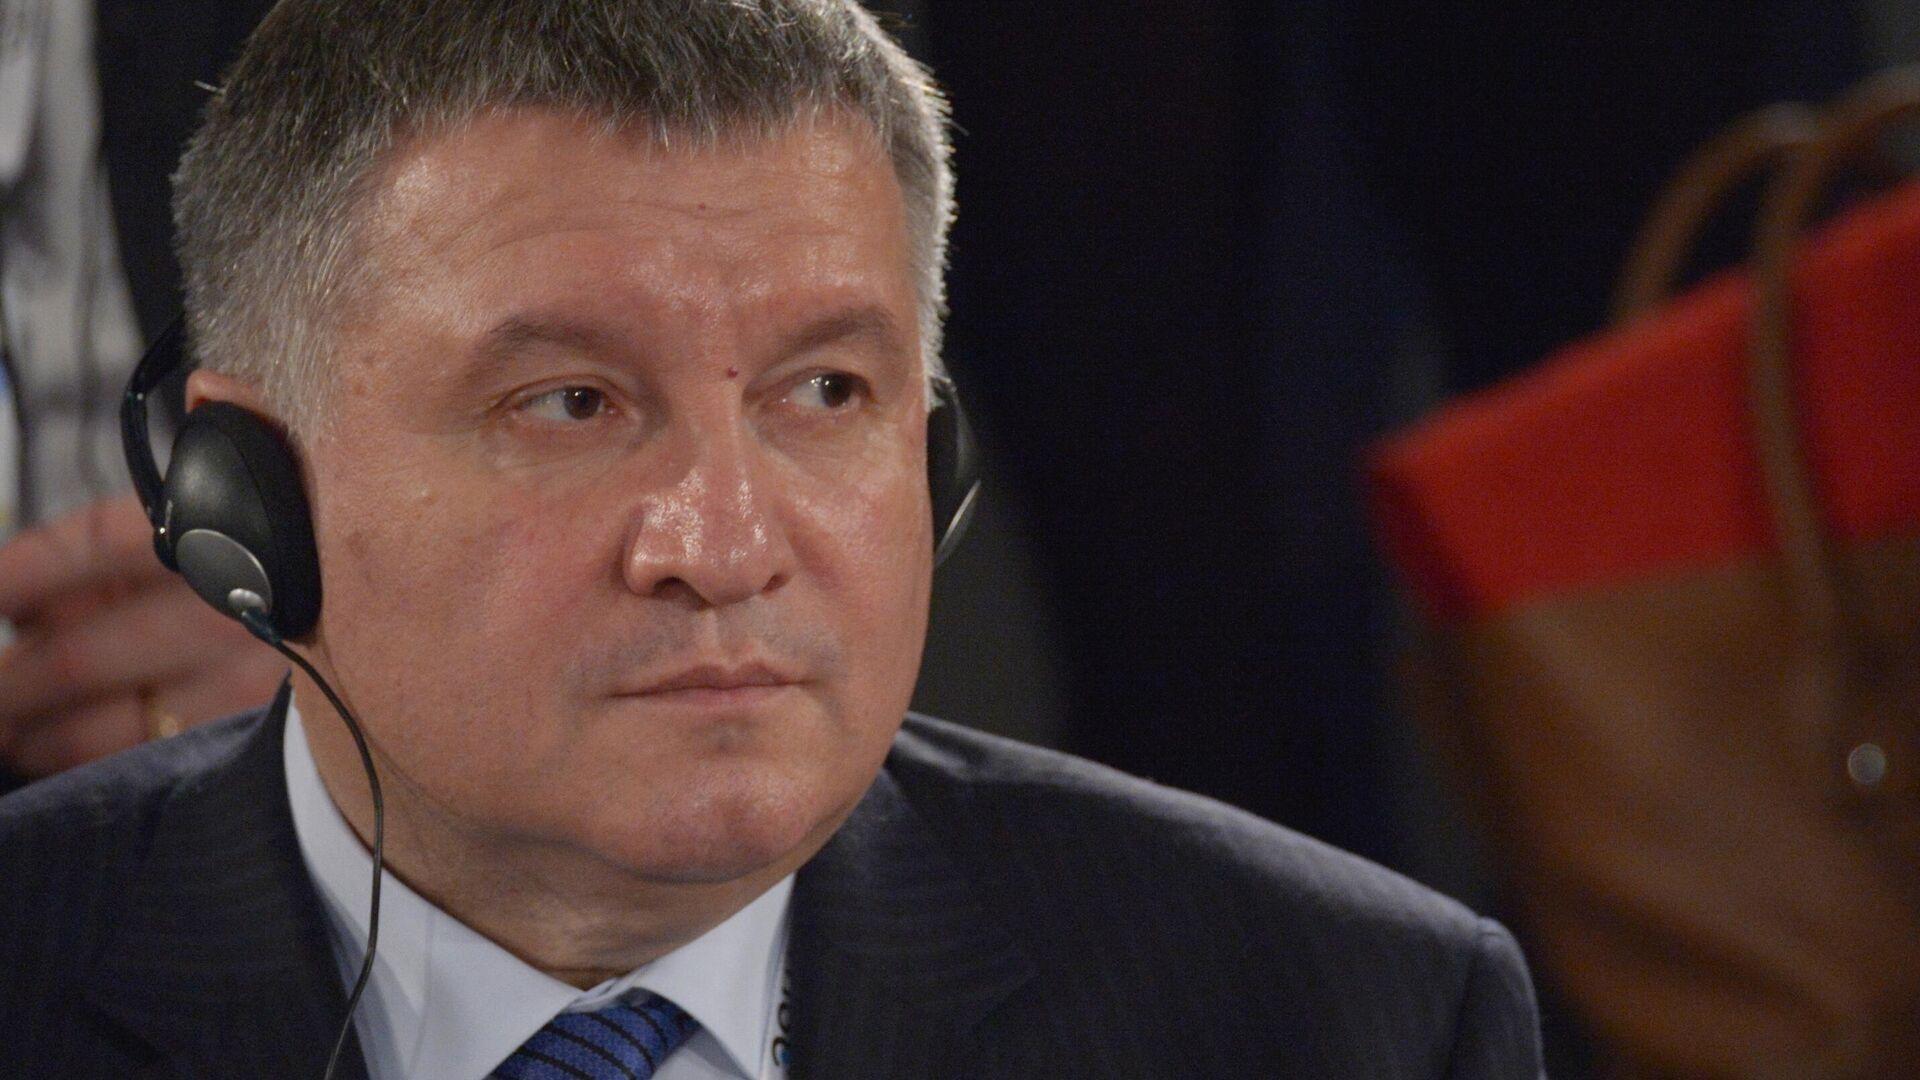 Министр внутренних дел Украины Арсен Аваков на Мюнхенской конференции по безопасности в Мюнхене - РИА Новости, 1920, 04.11.2020